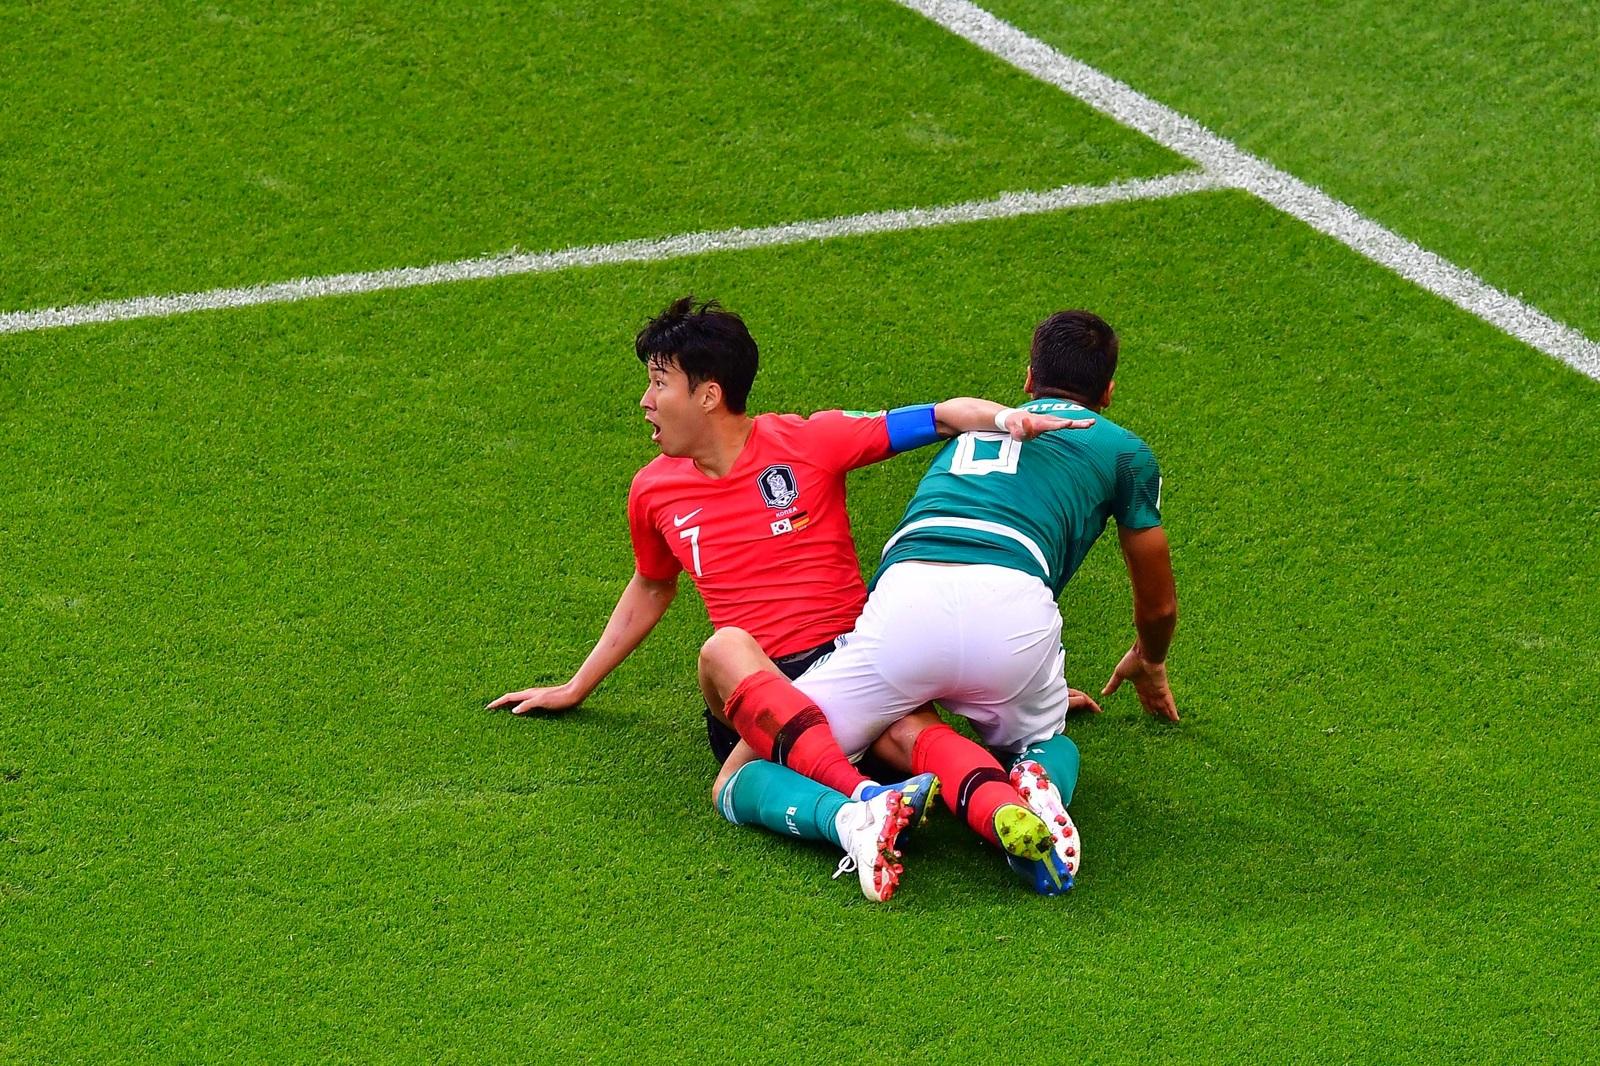 Die Deutsch Sudkoreanische Fussballgeschichte Dossier